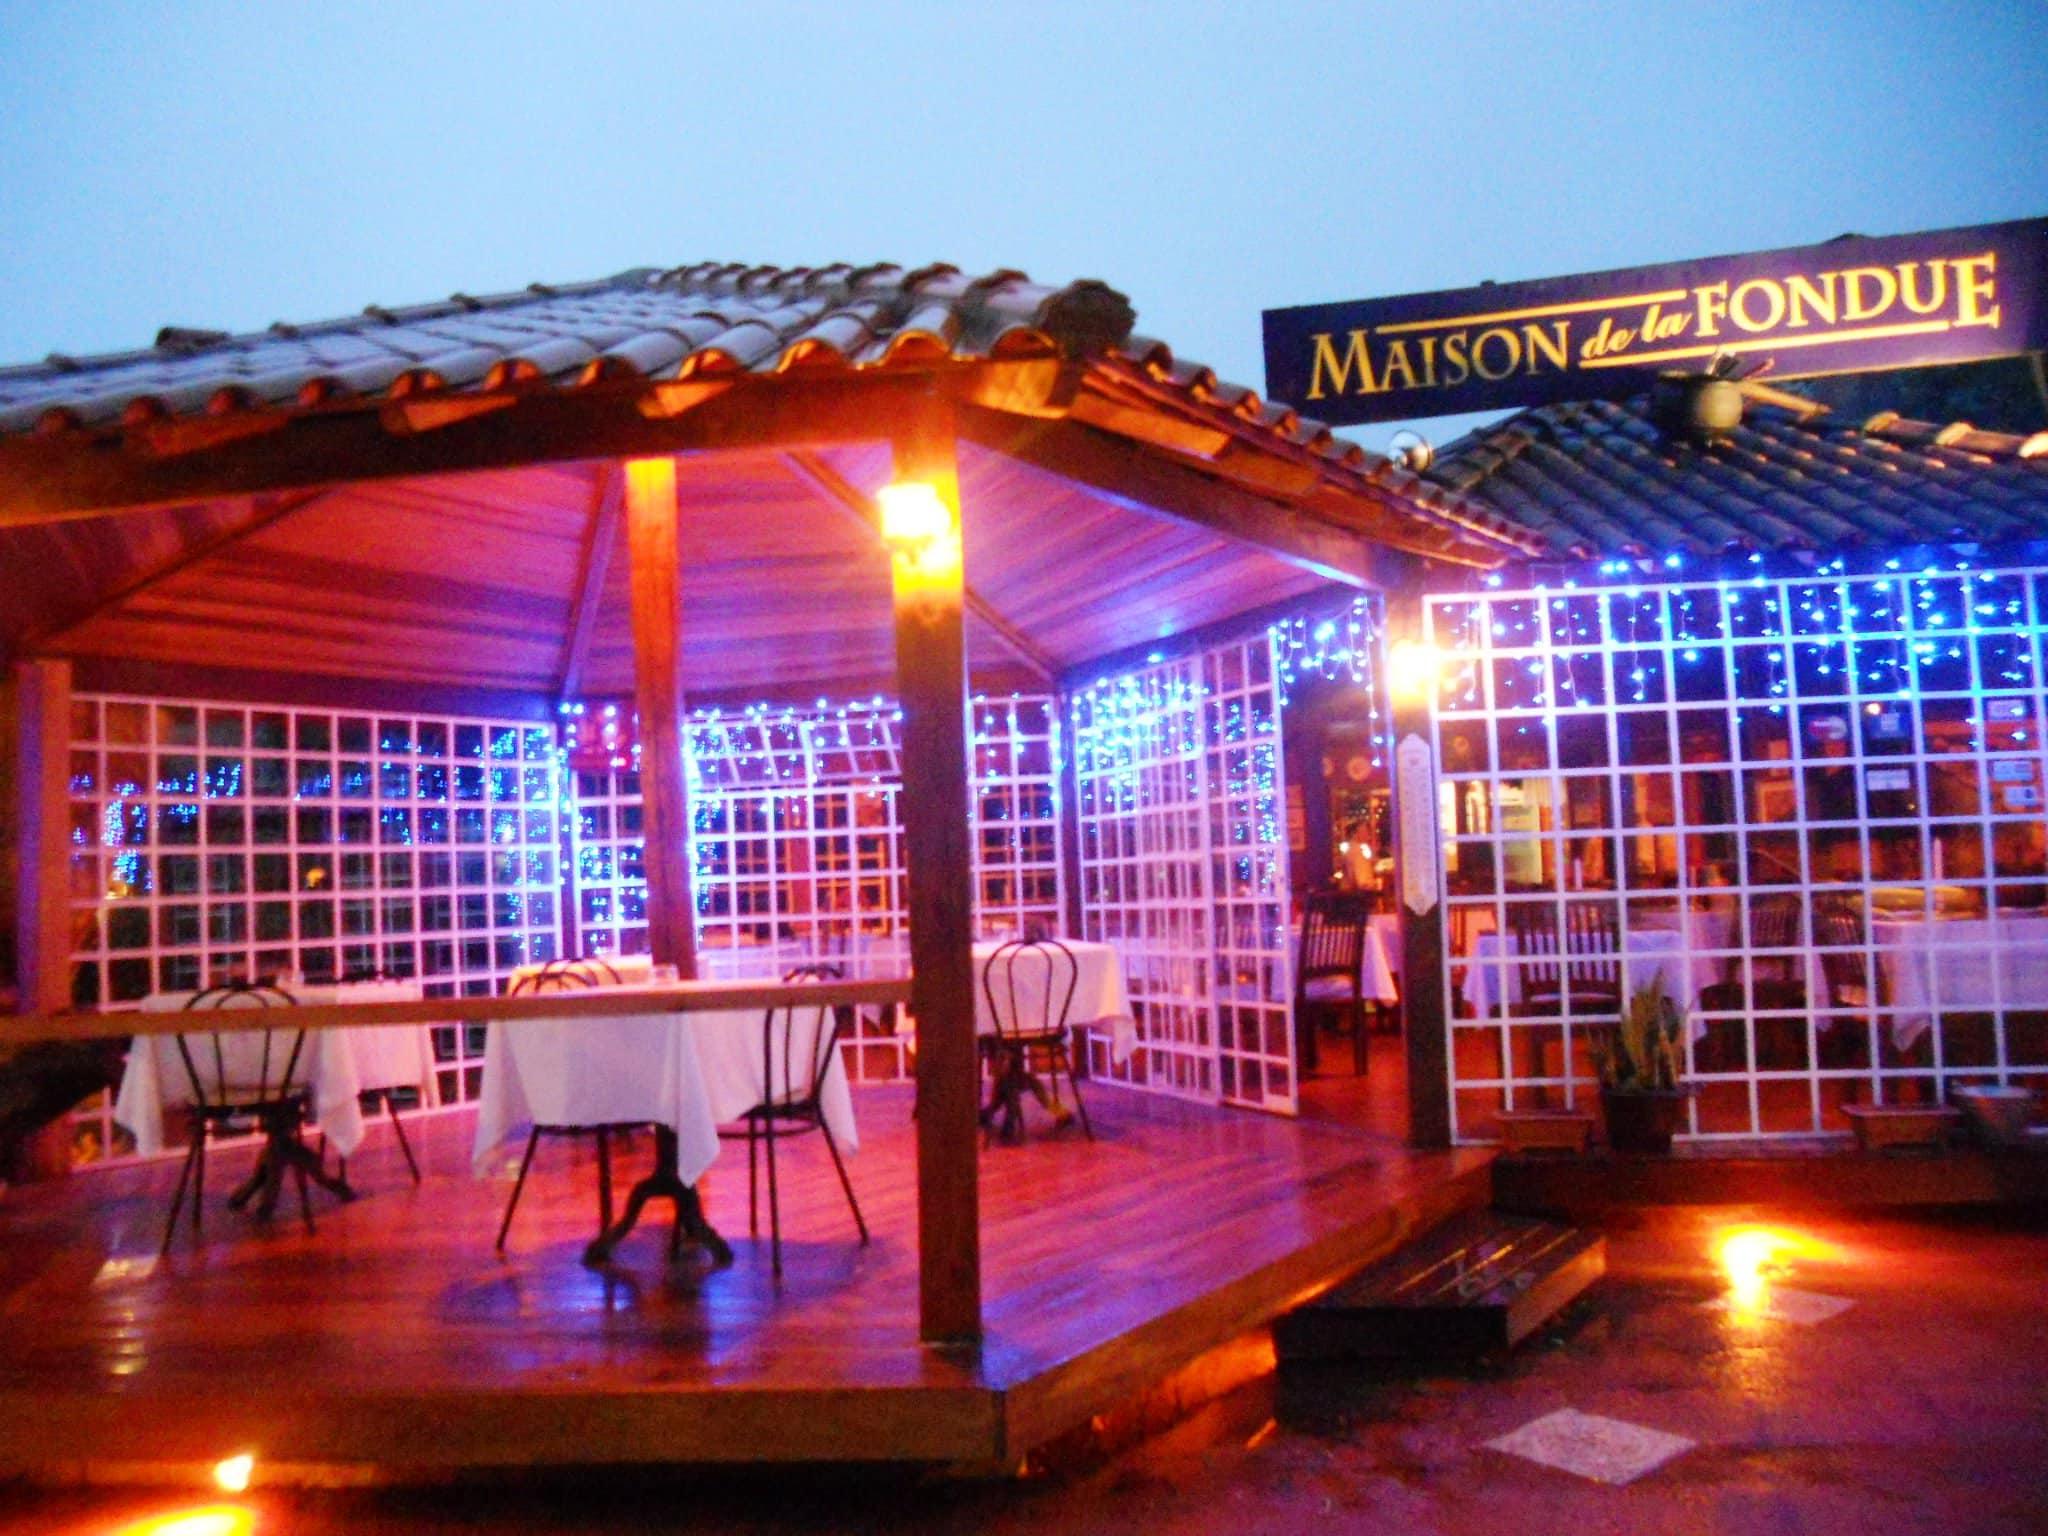 Resyaurante na vila de Maringa com luzes decorando